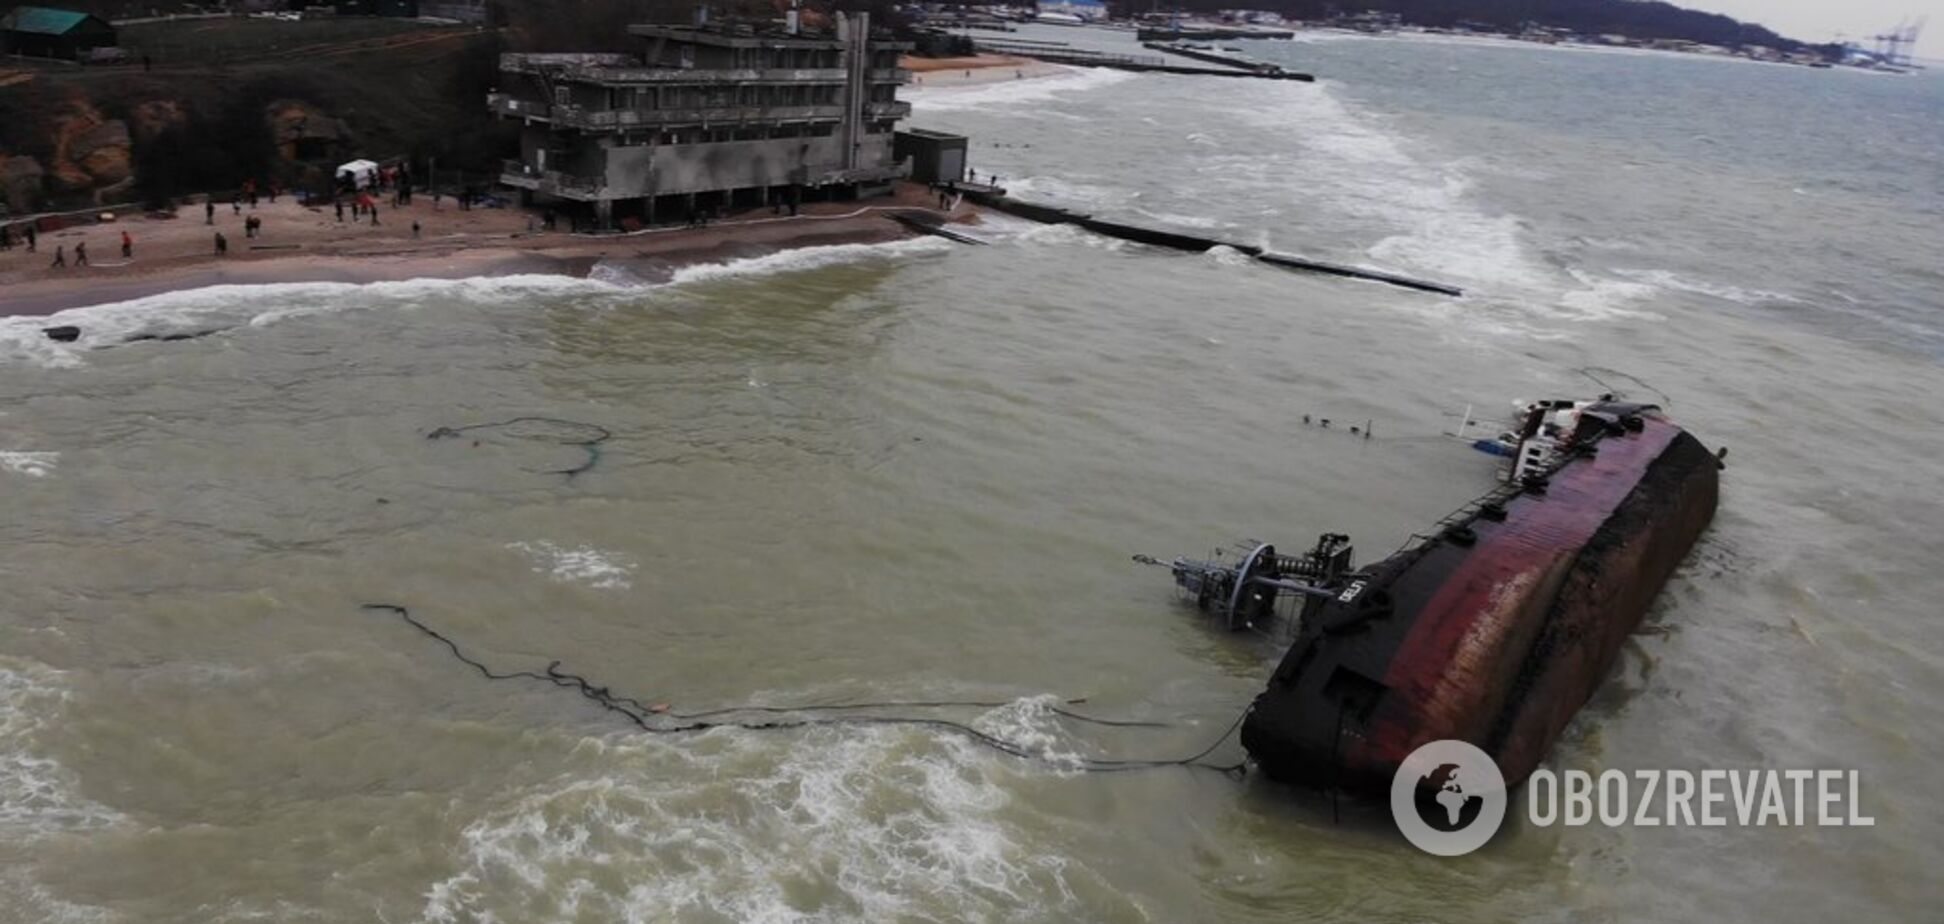 Кораблетроща танкера в Одесі